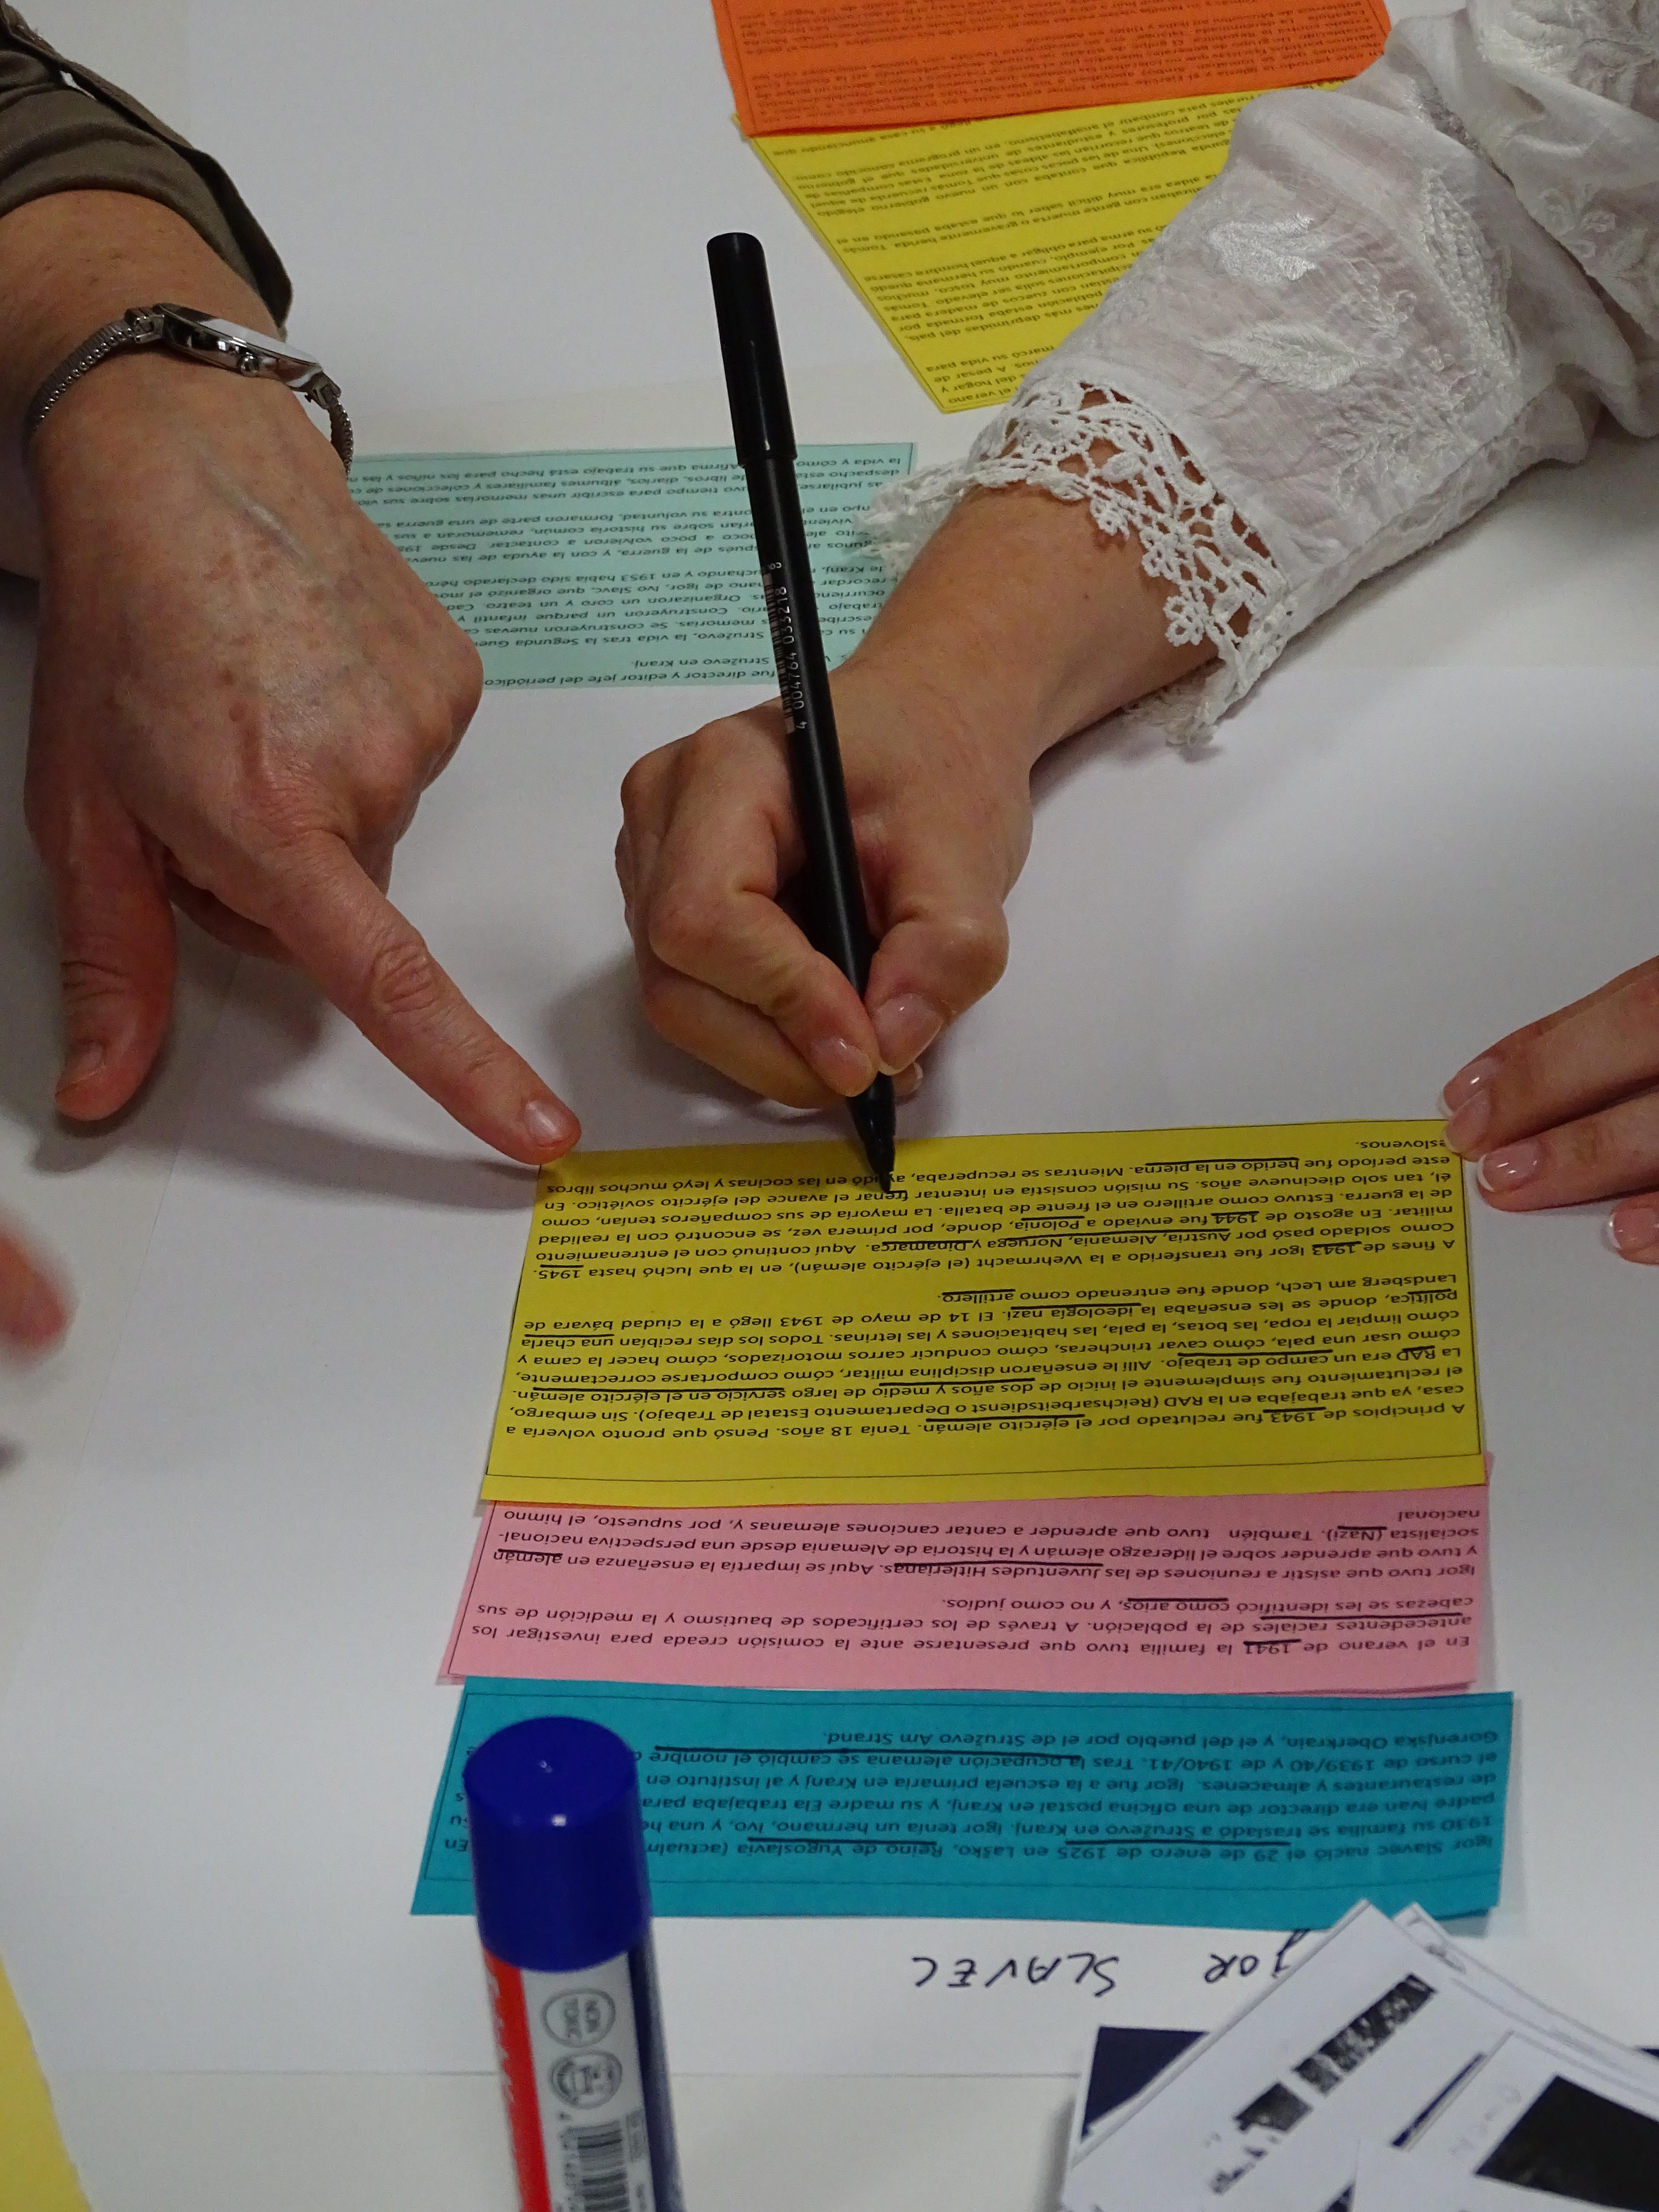 Nuevas metodologías para la enseñanza de Europa: ¡Esto no va de tratados! 9 Junio 2018. Marino Maqueda 5